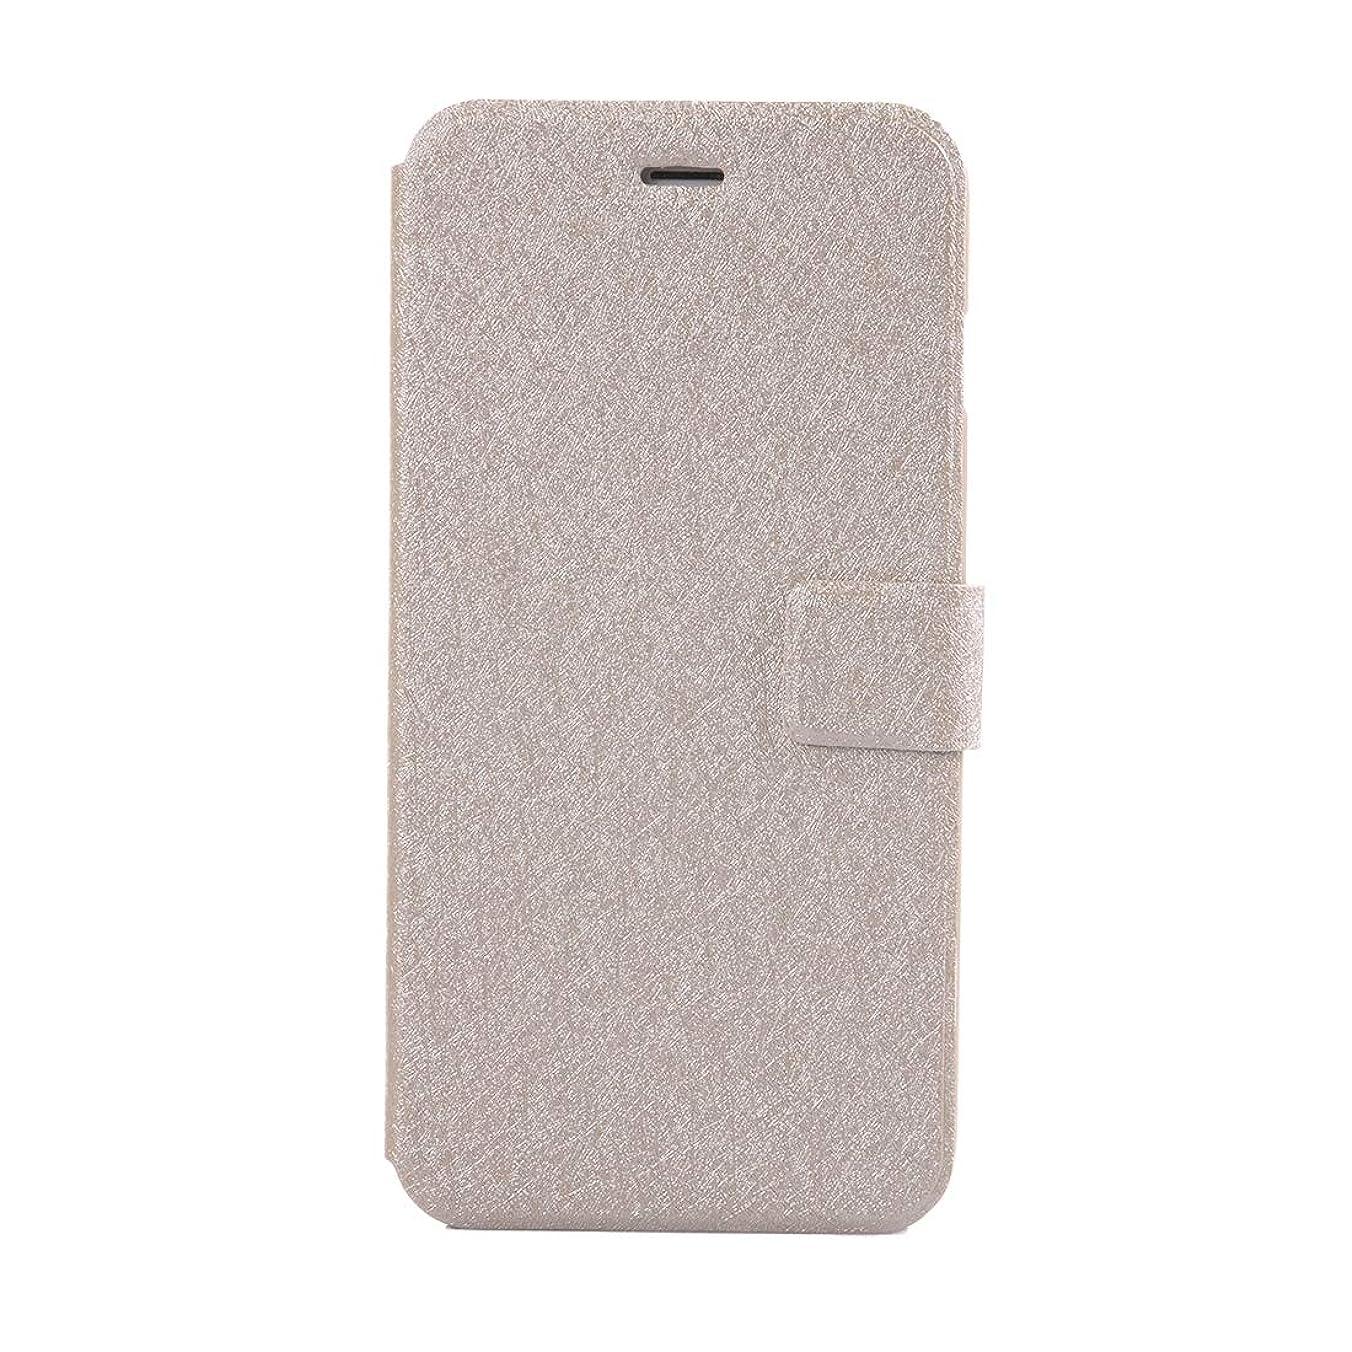 ハウスフィードバック韓国語磁気バックルとホルダーとカードスロットを備えたiPhone 8および7シルクテクスチャ水平フリップレザーケースに適しています(ブラック) Yikaja (色 : Gold)